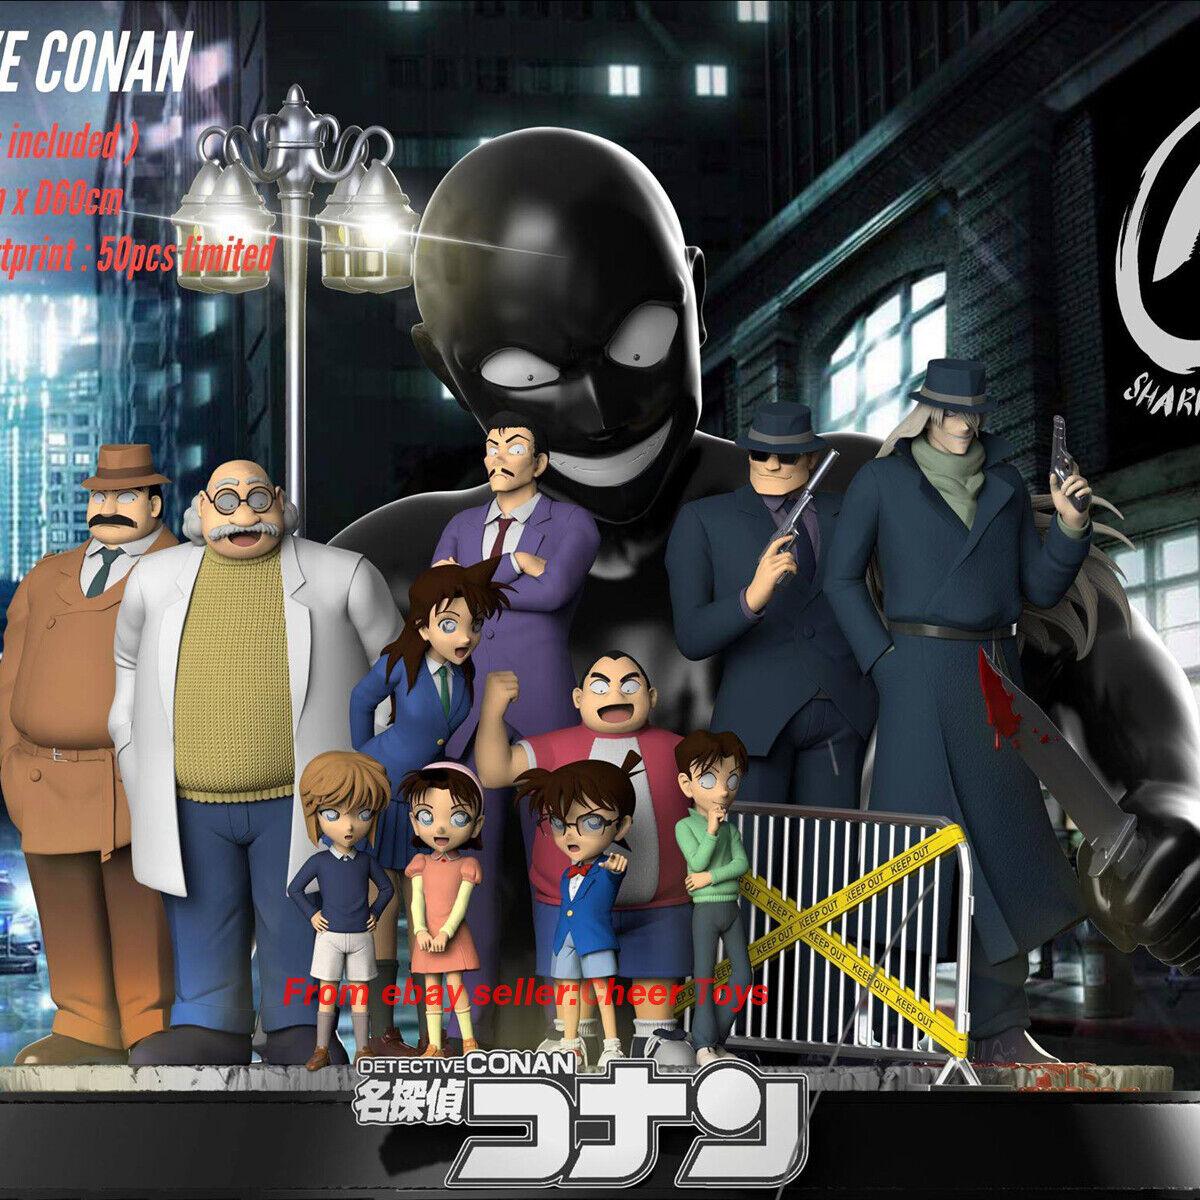 1 6 Diseño de tiburón Studio Detective Conan garaje Juegos Colors limitada